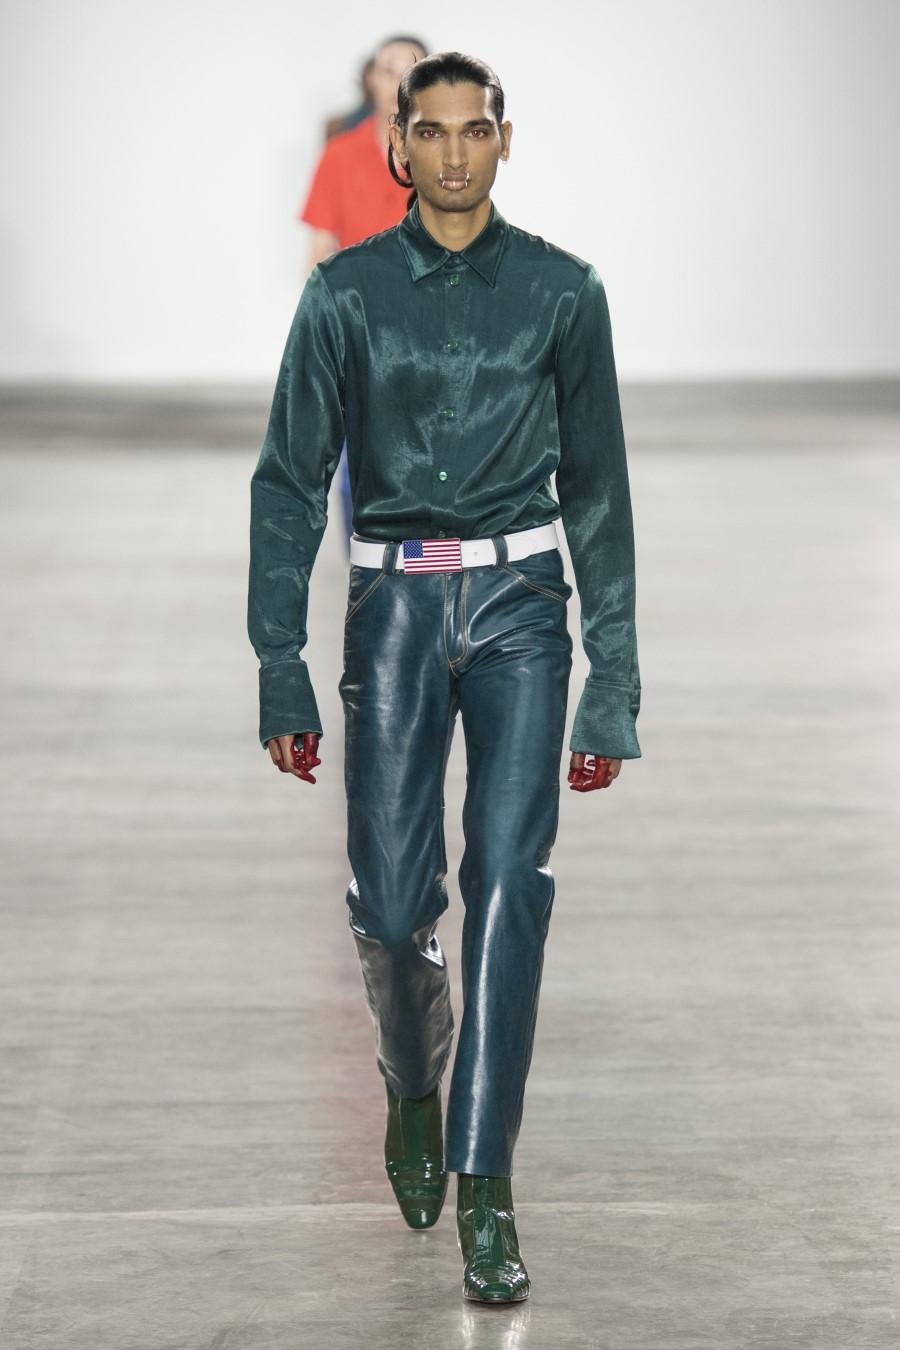 Fashion East - Mowalola - Printemps-Été 2020 - London Fashion Week Men's